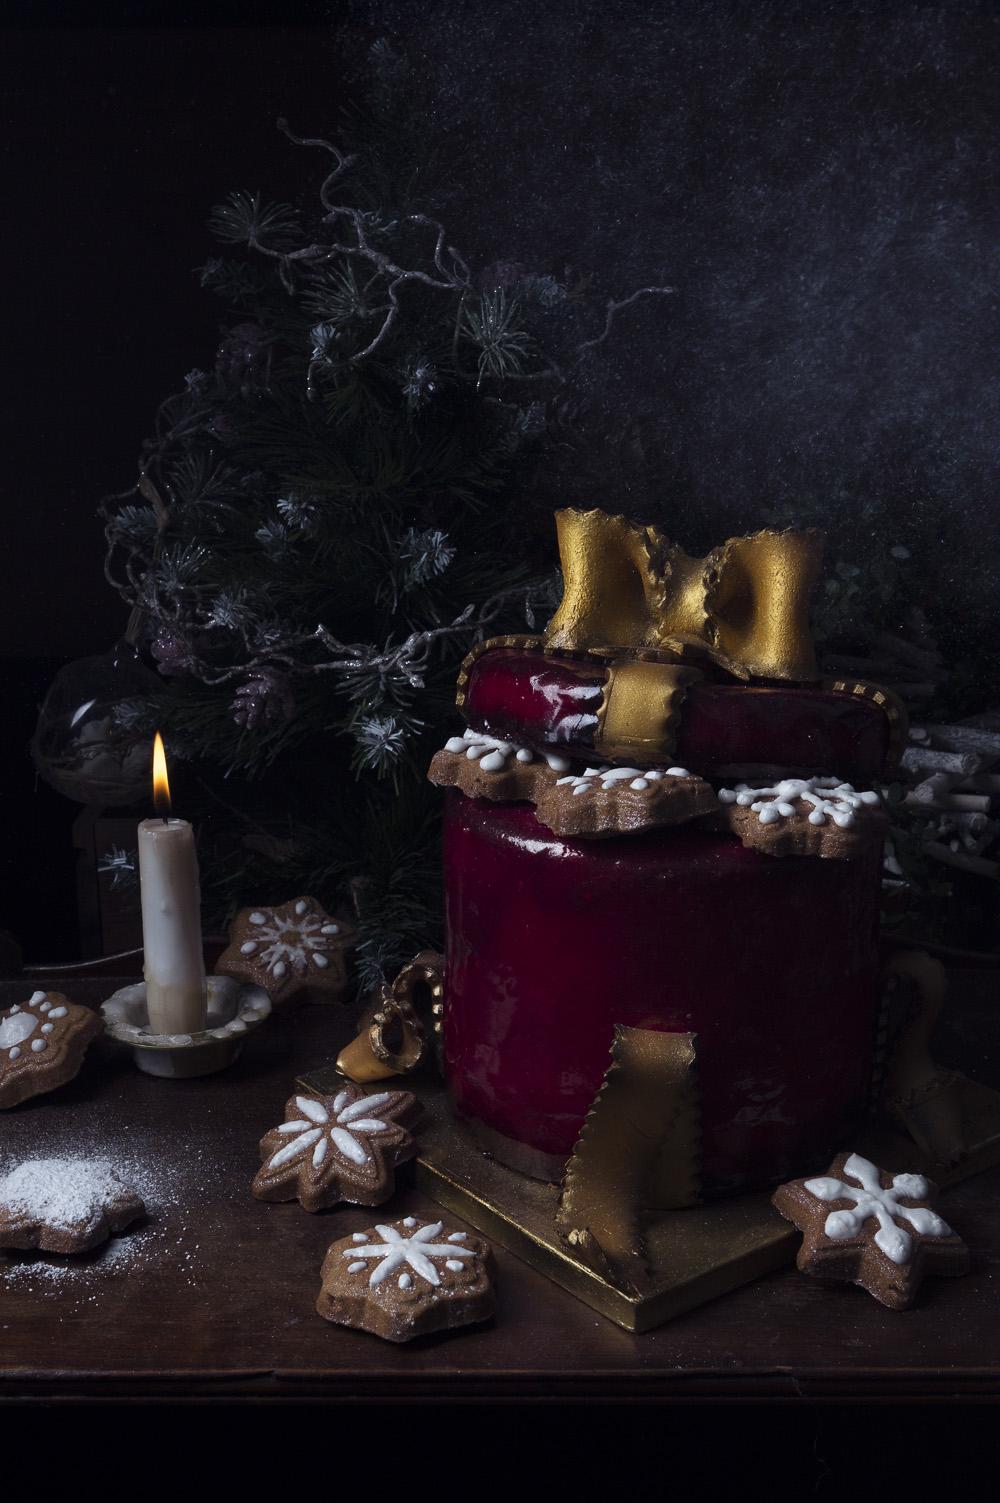 pinata-cake-le-gateau-cadeau-qui-a-vole-les-tartes-pour-feerie-cake-studio-de-creation